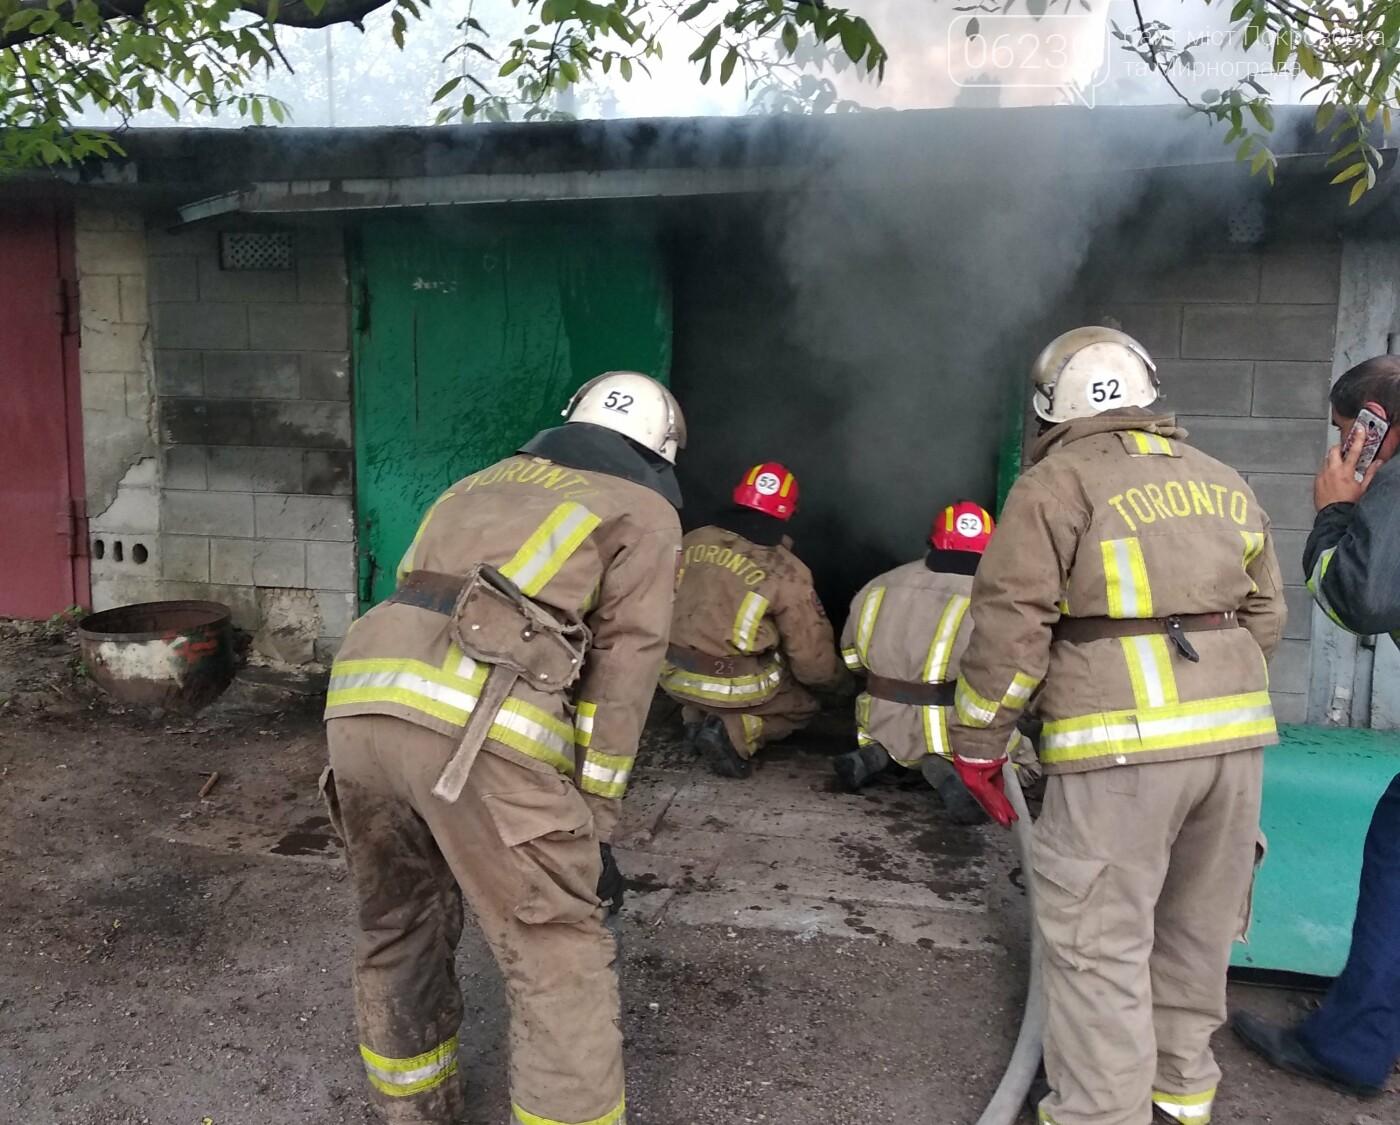 Сегодня утром в Мирнограде горел легковой автомобиль внутри одного из гаражей, фото-2